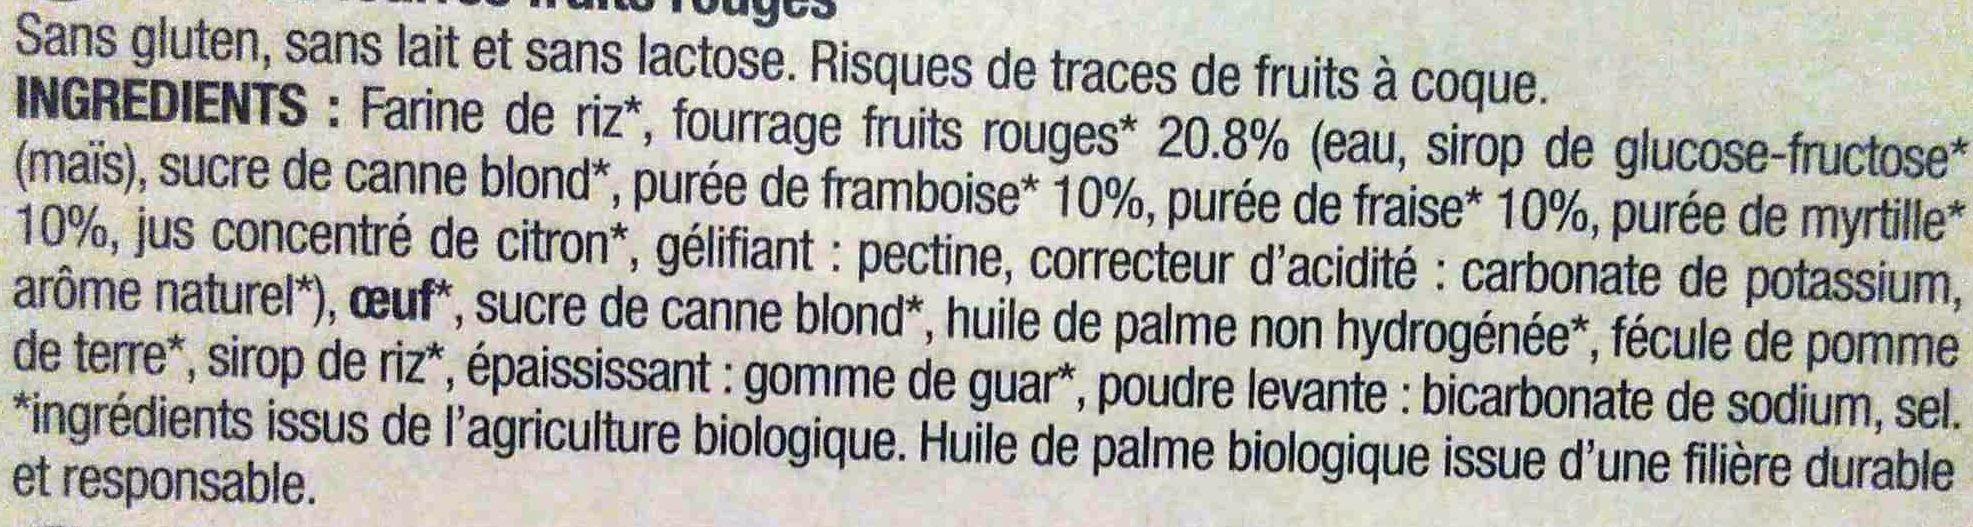 Biscuits Fourrés Fruits Rouges - Ingrédients - fr